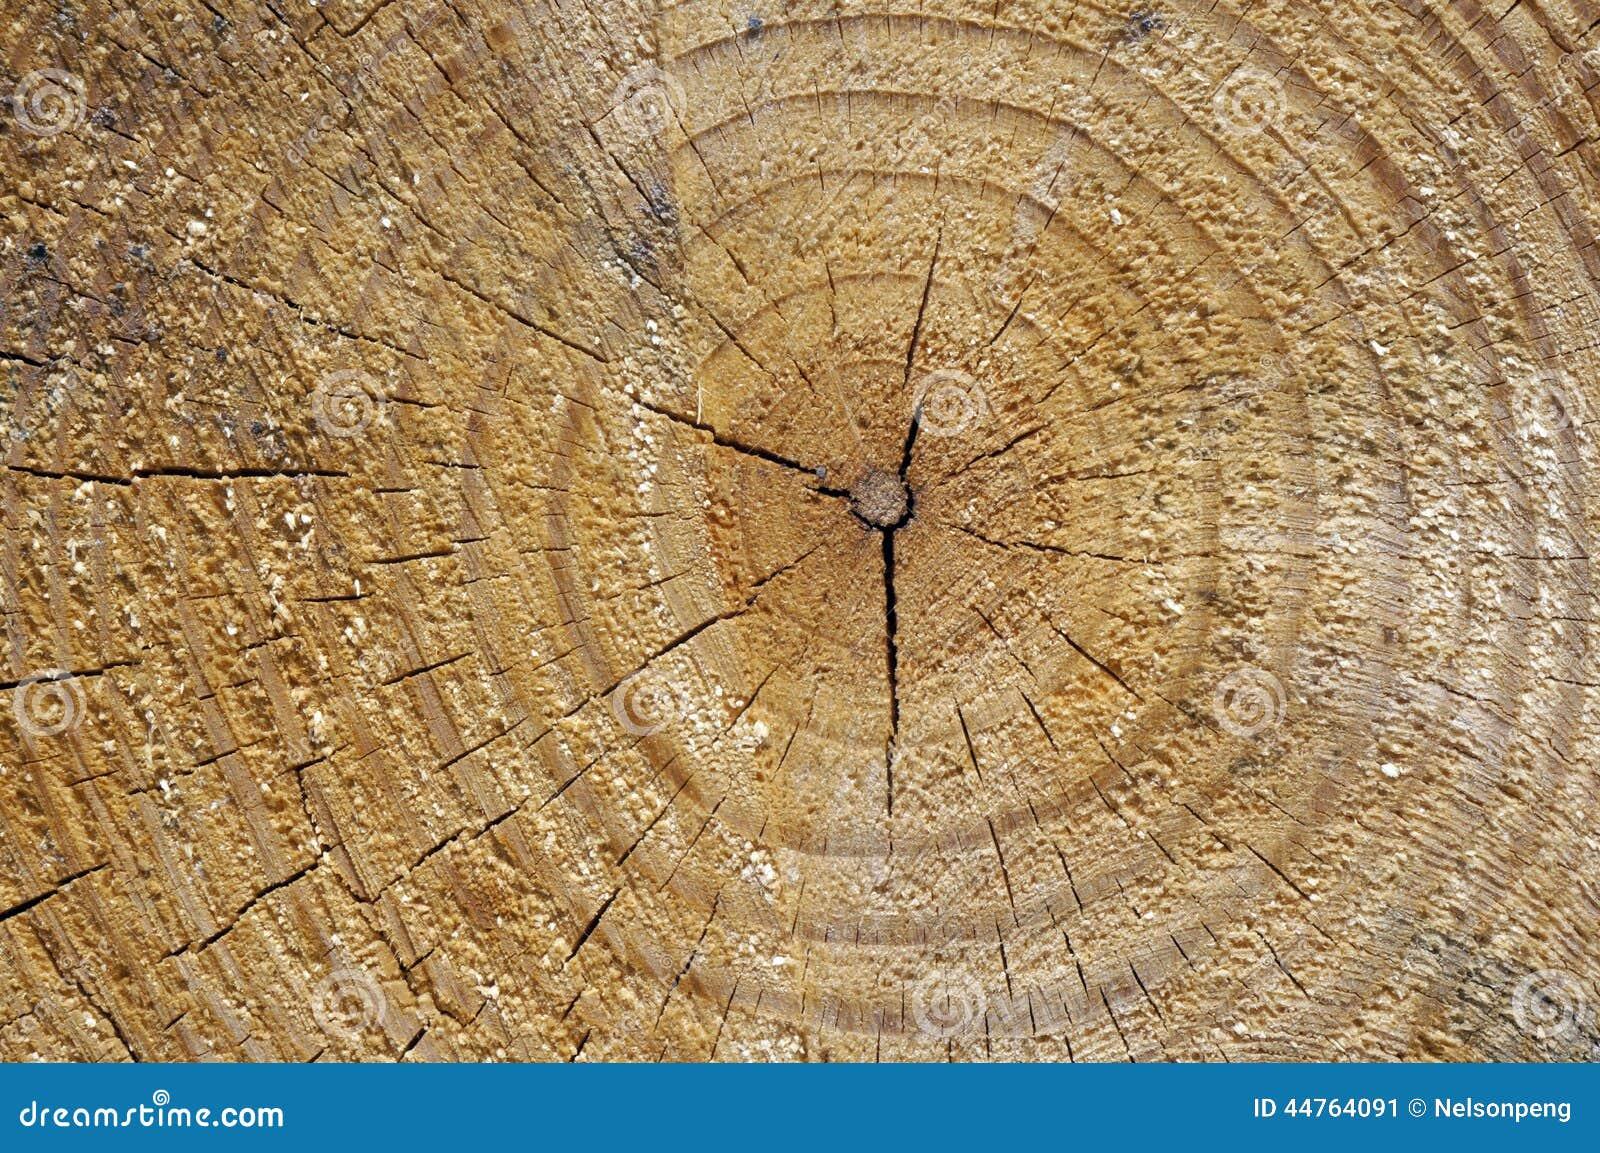 Wood tree rings